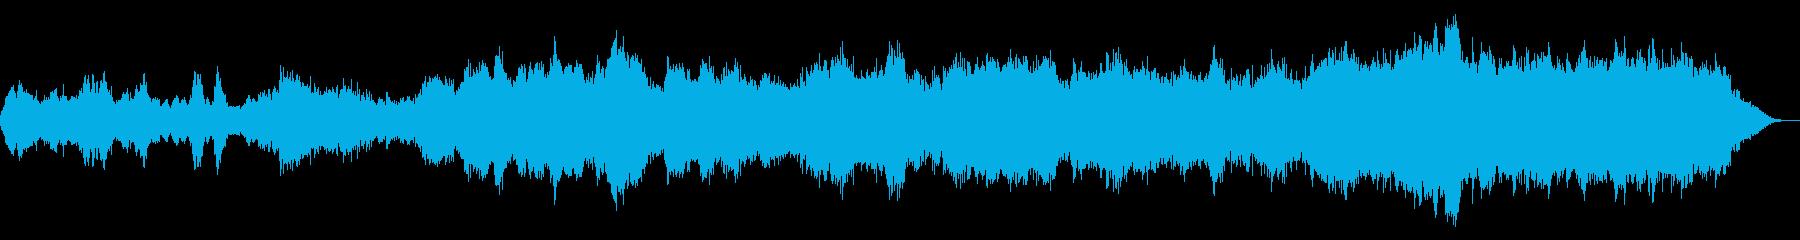 不気味な鐘の音をもとにした曲の再生済みの波形